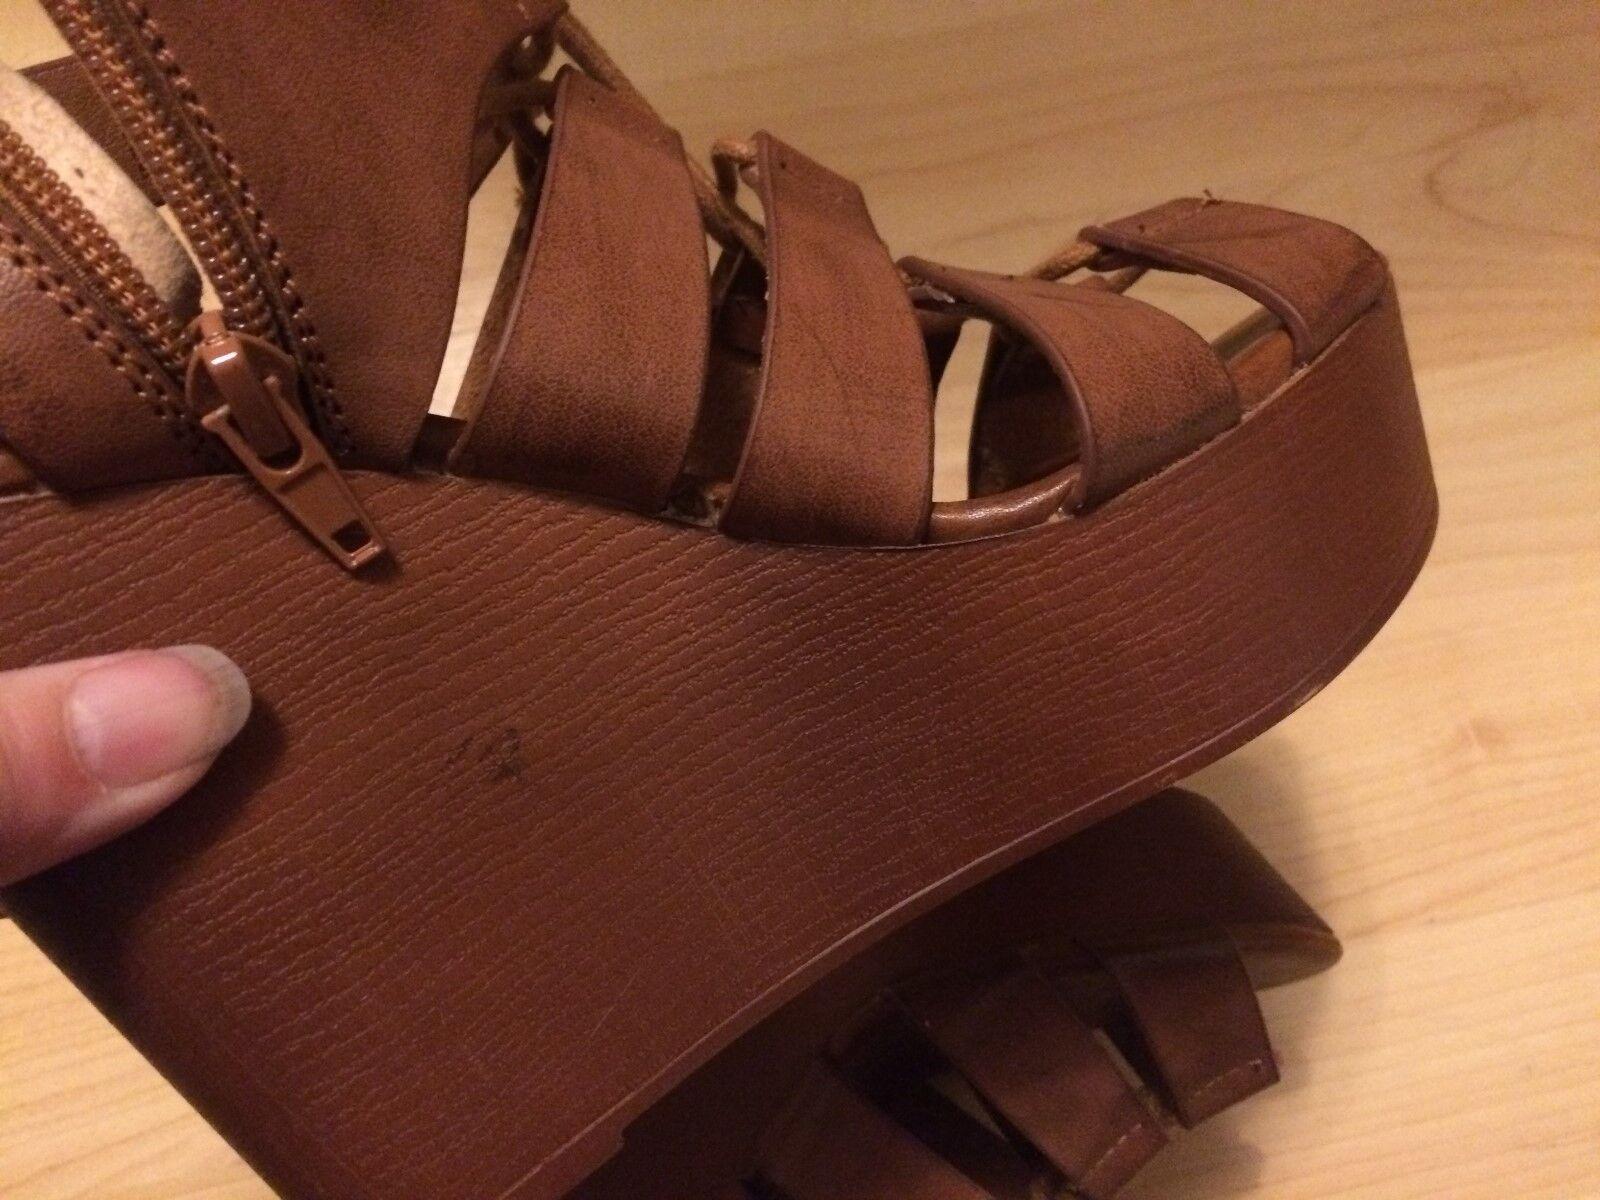 NEW STEVE MADDEN TAN CAMEL Marronee GLADIATOR PLATFORM SANDAL SANDAL SANDAL 5 Fake Leather 40eebe